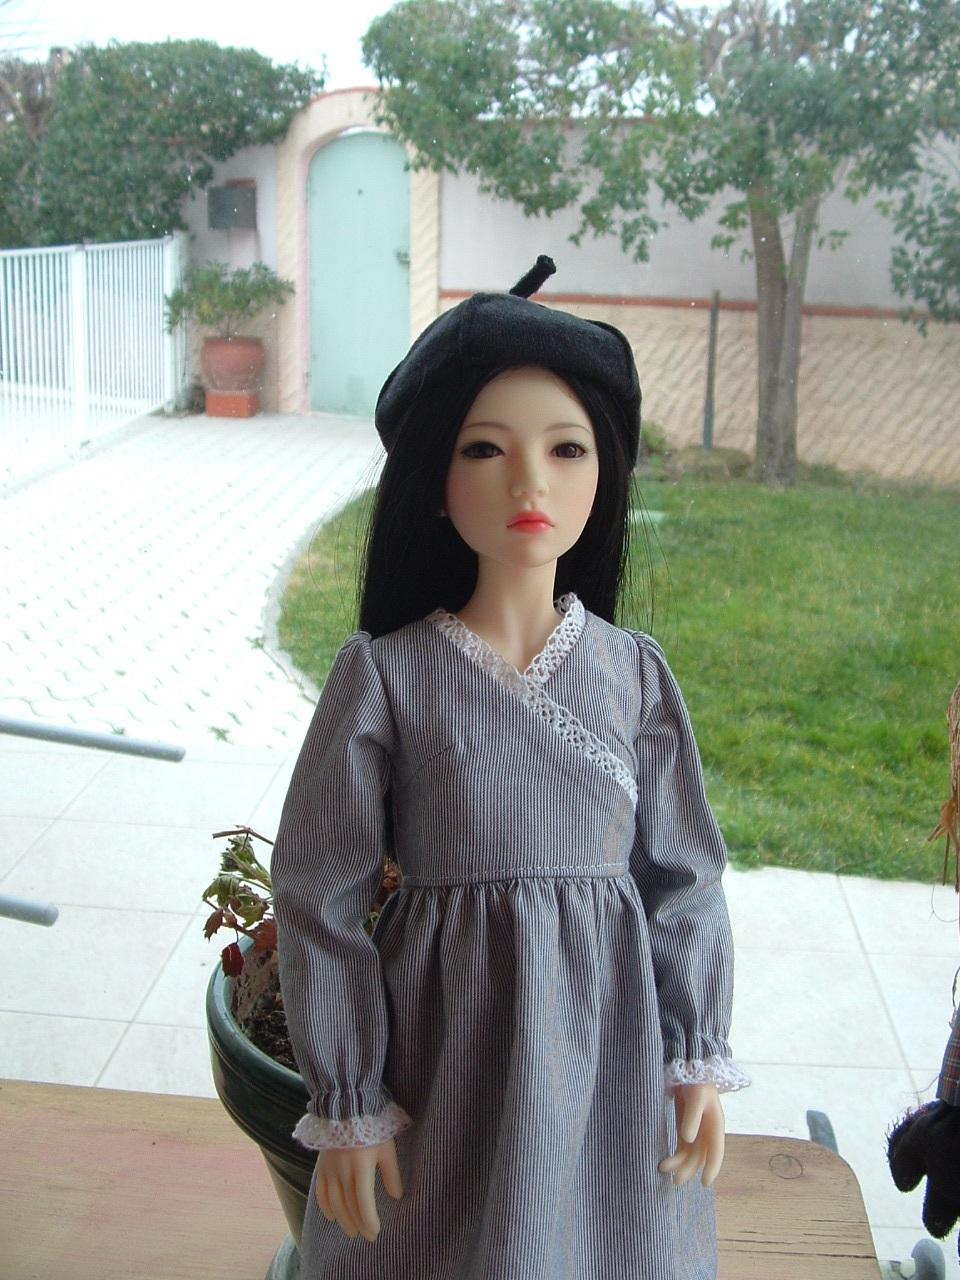 Je vous présente Mitsuko, ma belle Asa - première robe p 2 - autre tenue p 3 - Page 2 Dscf0443